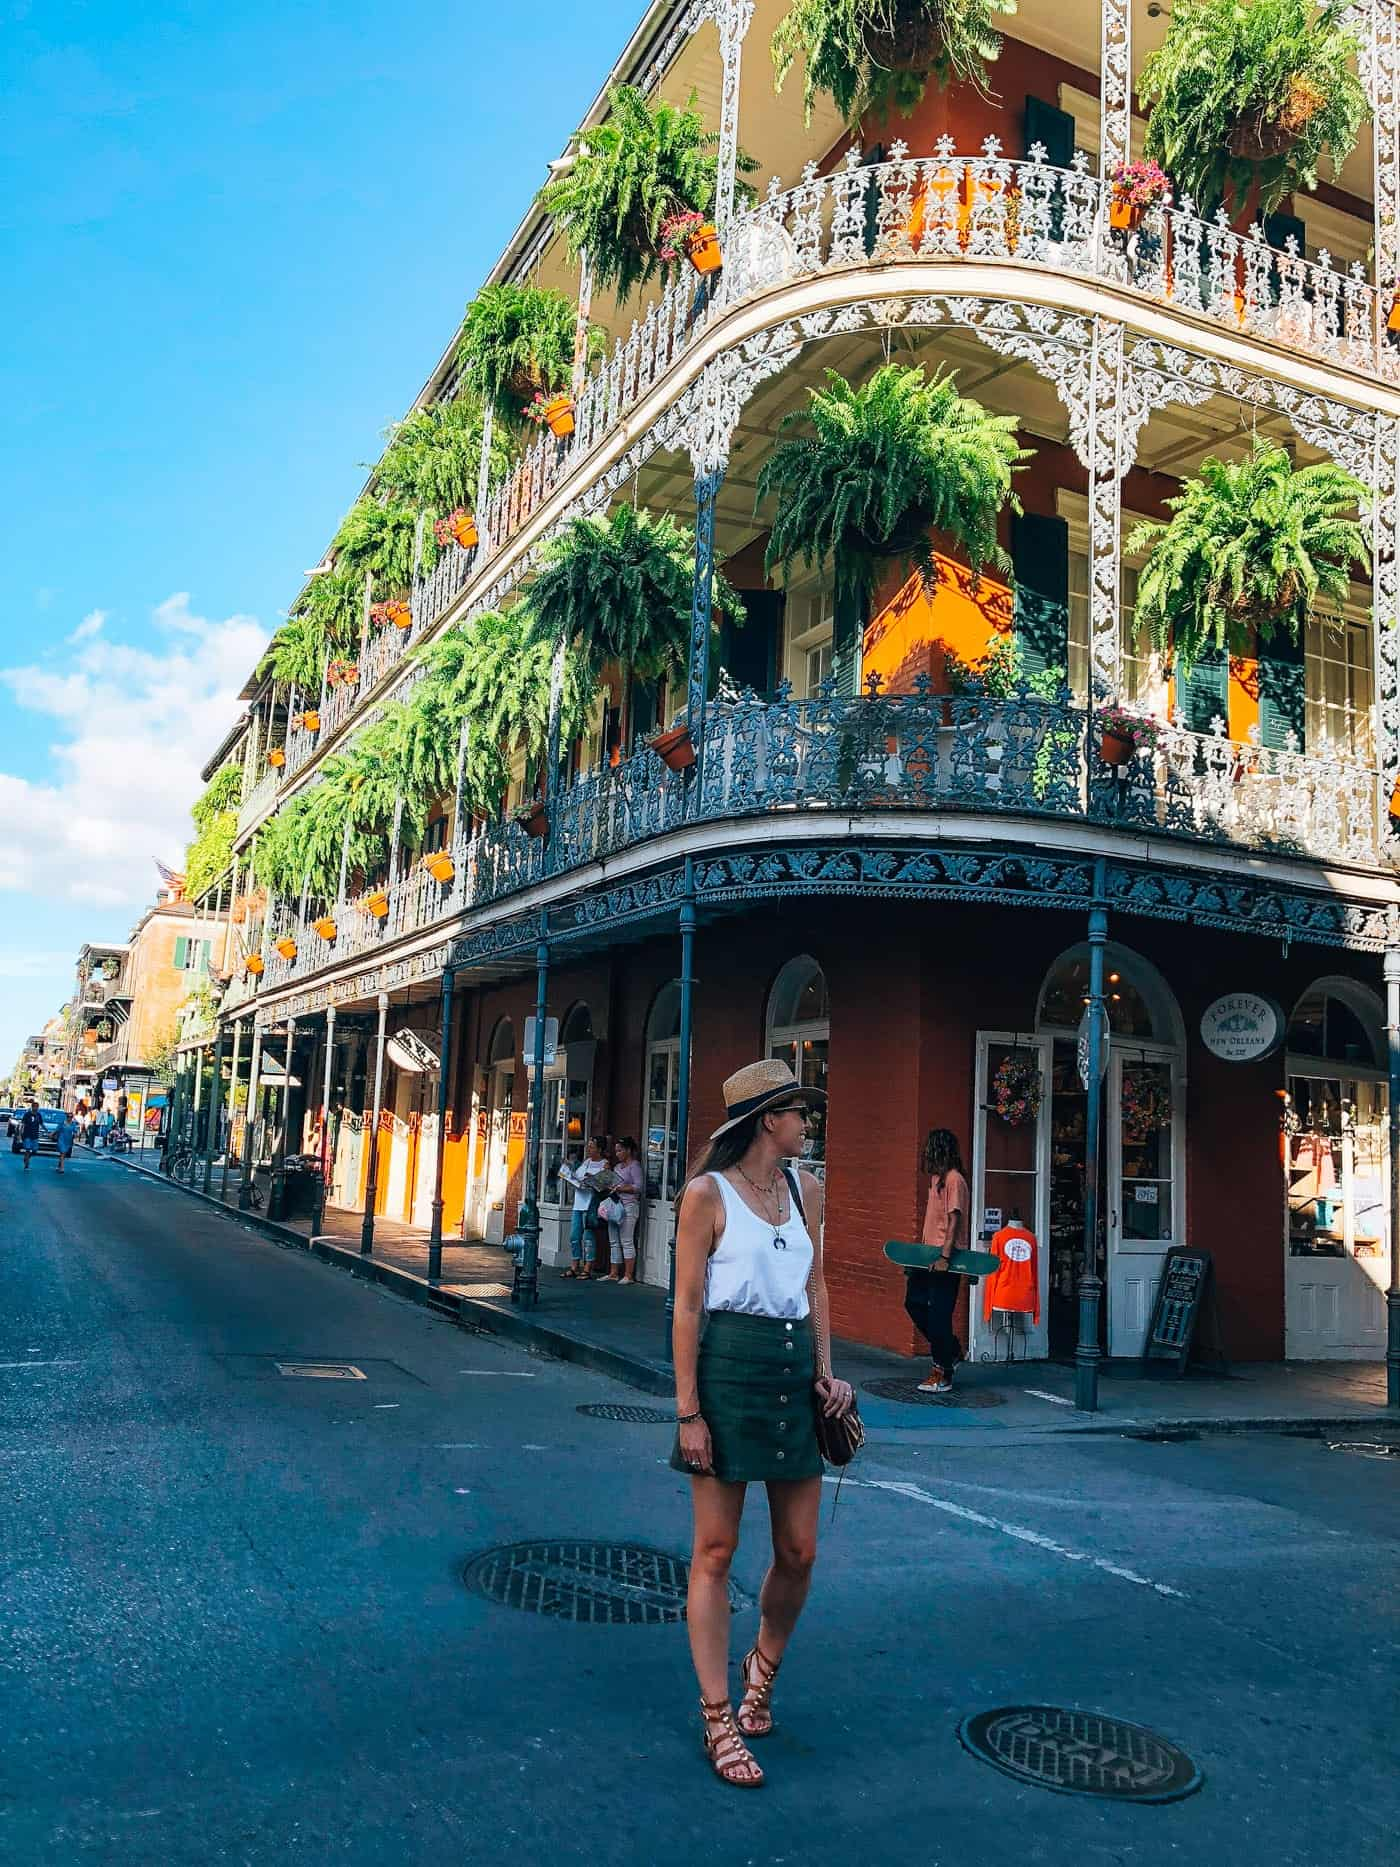 Green Skirt in New Orleans